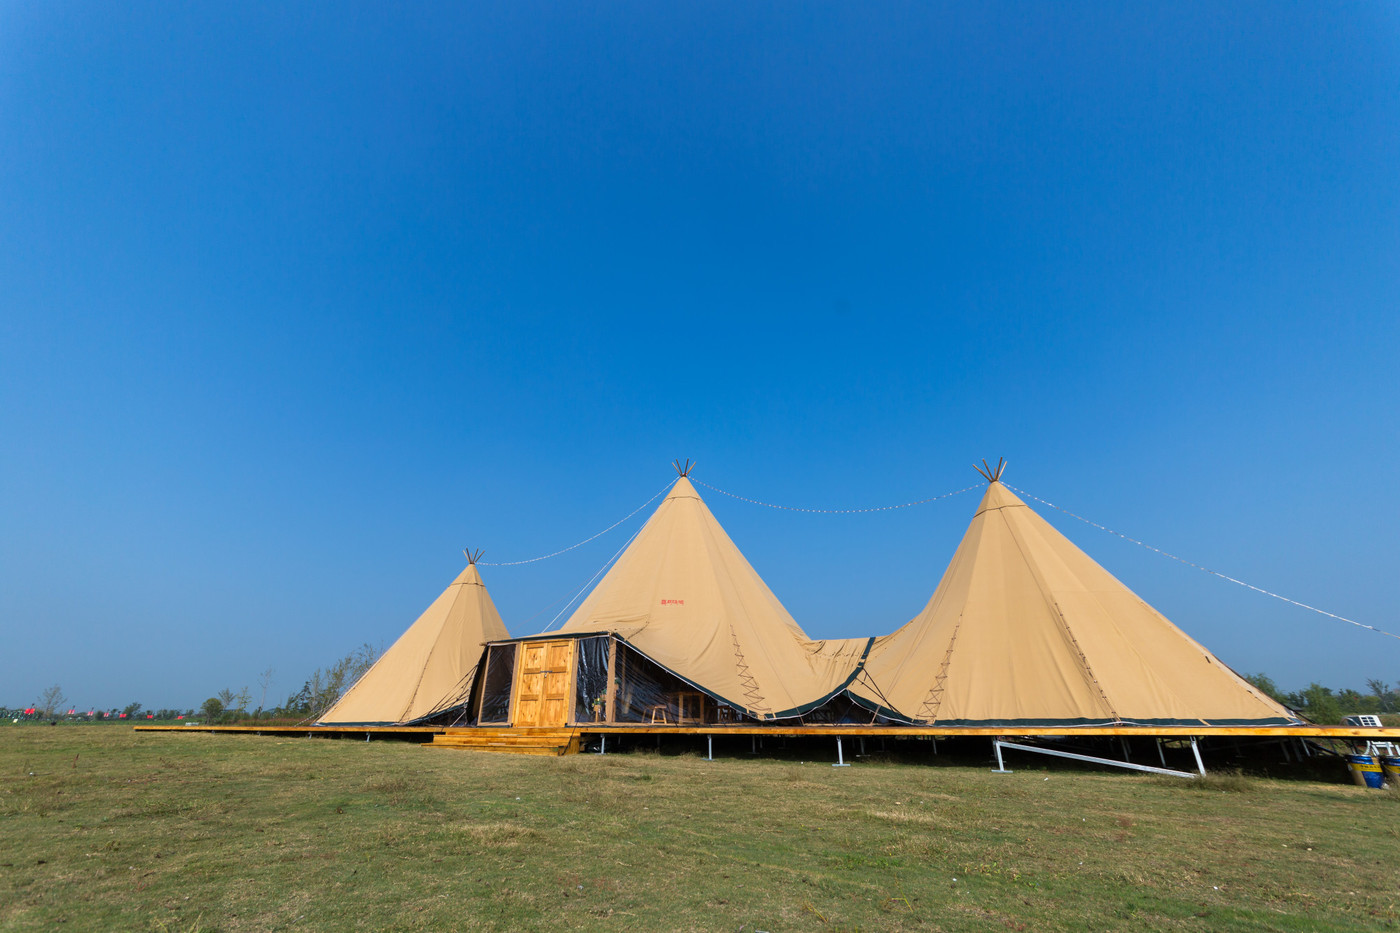 喜马拉雅印第安多功能大厅帐篷酒店3